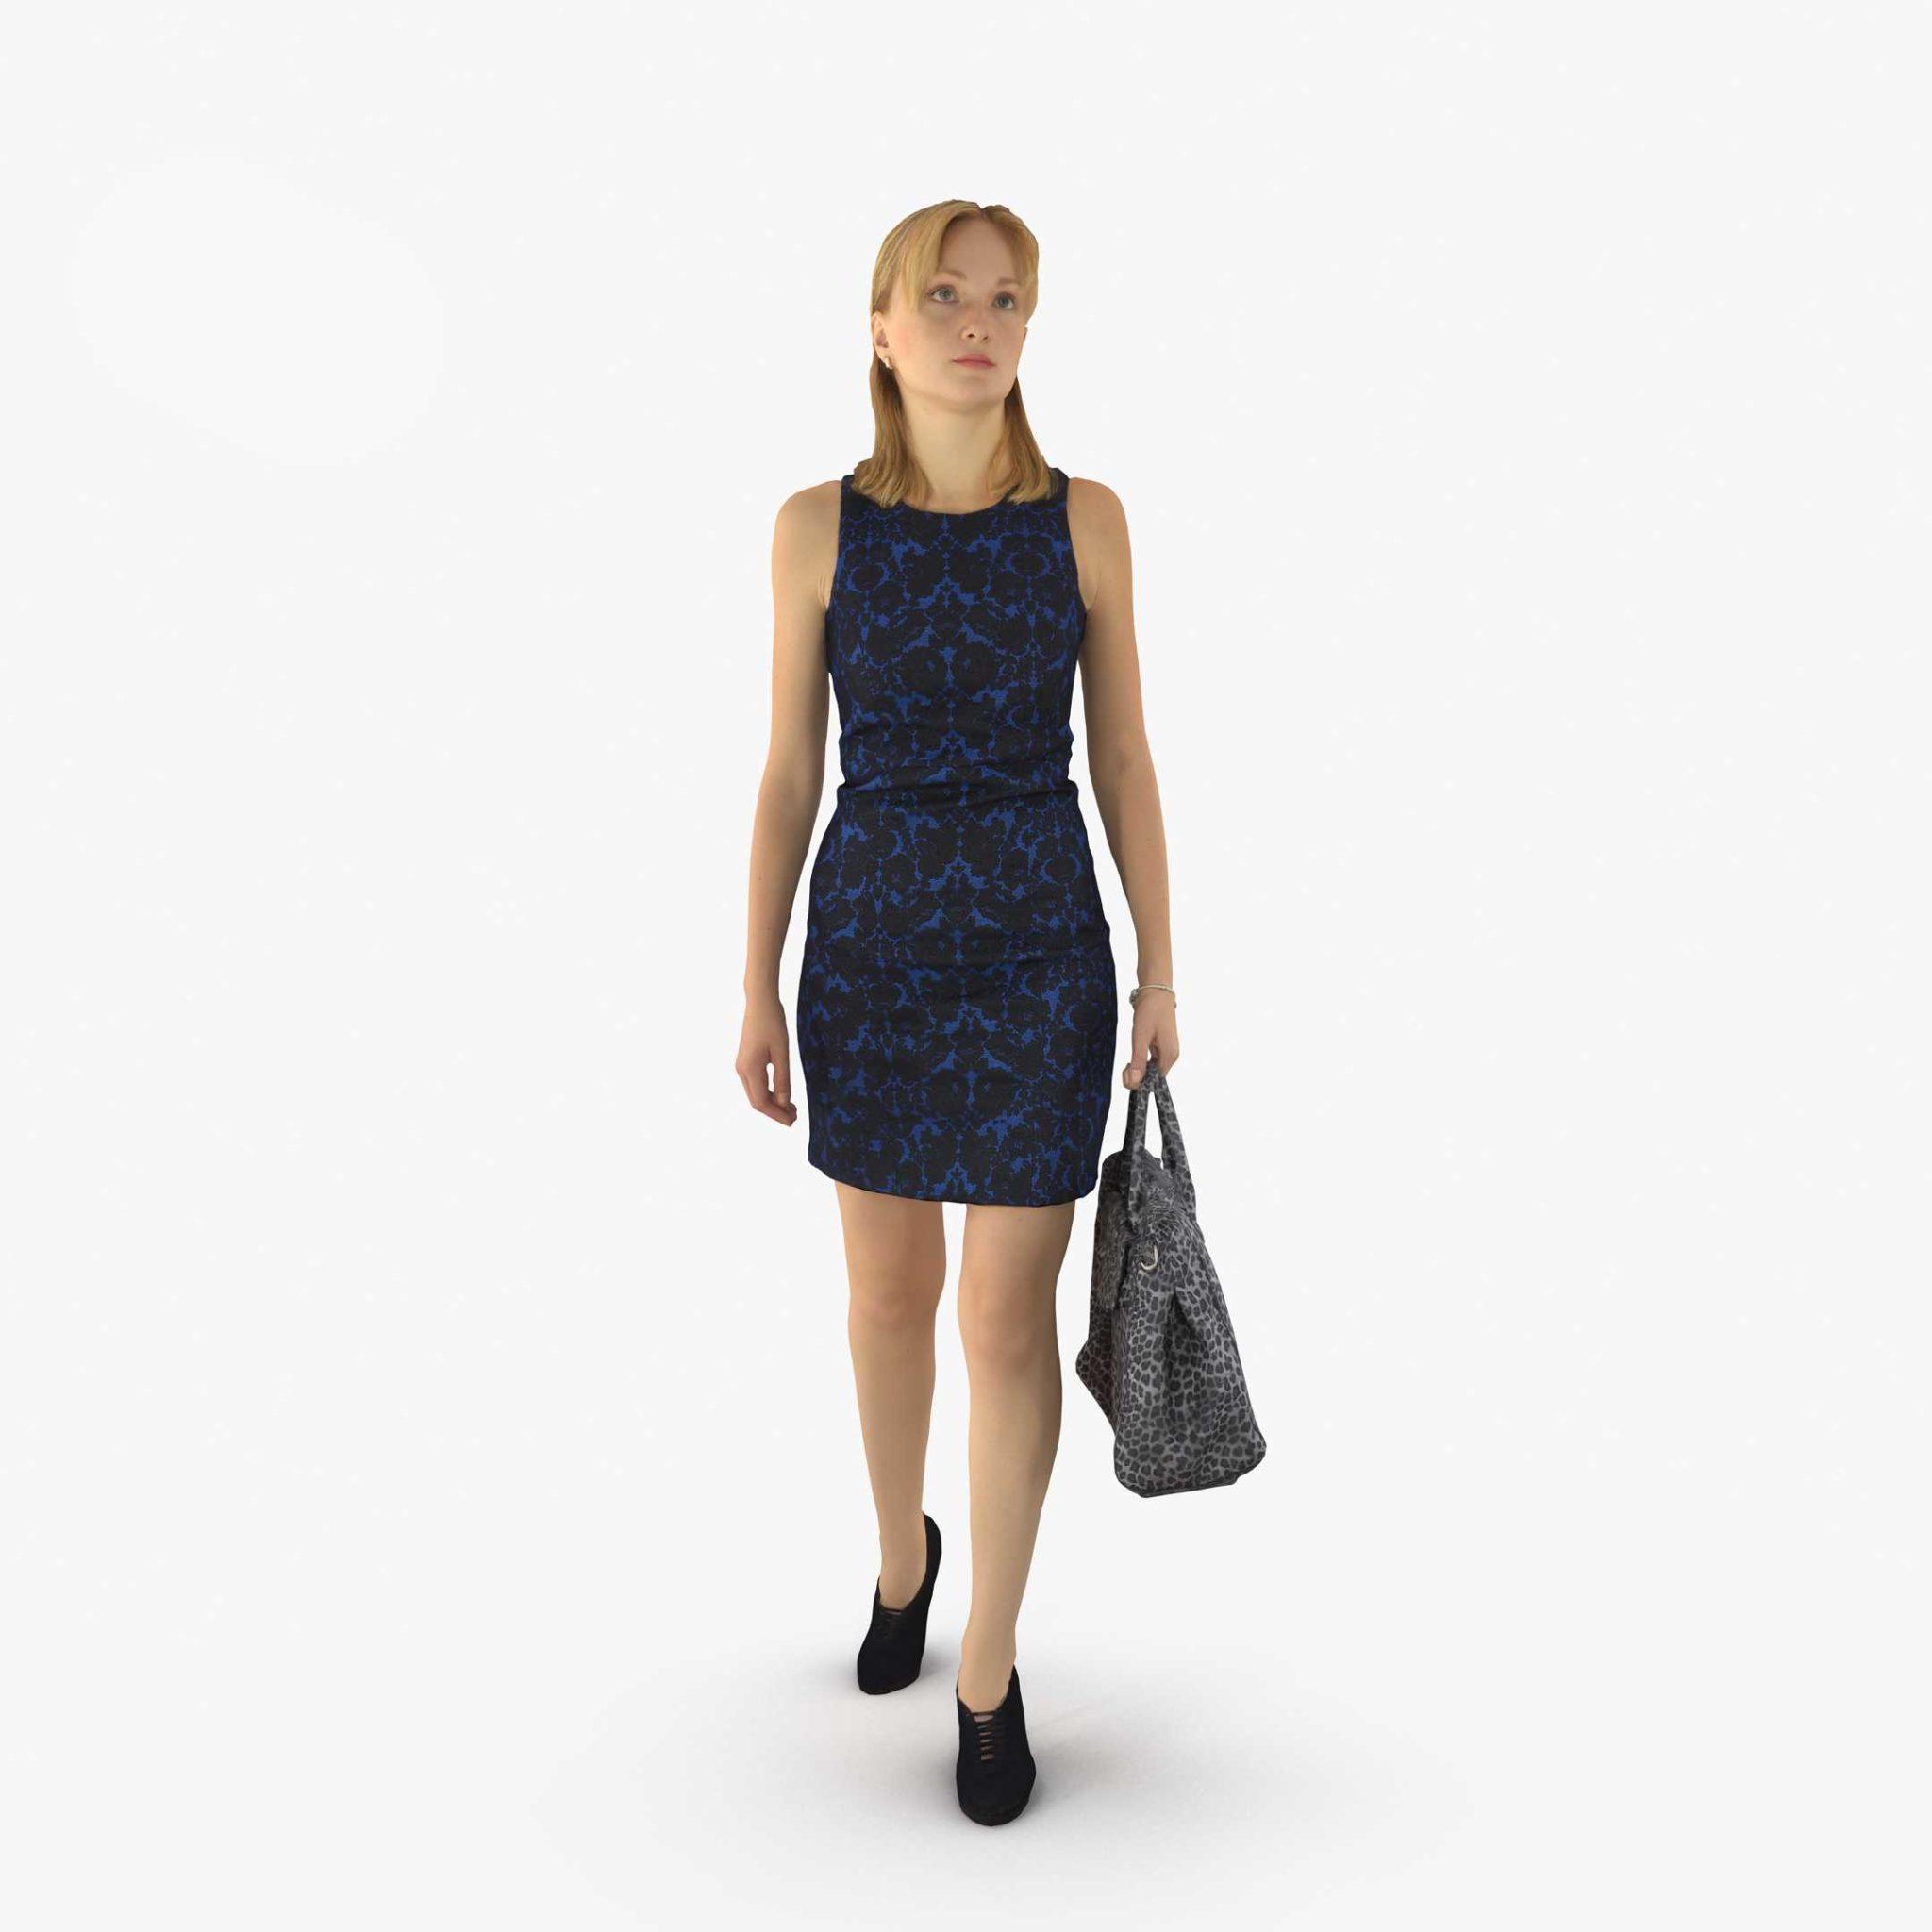 Business Woman Walking 3D Model | 3DTree Scanning Studio